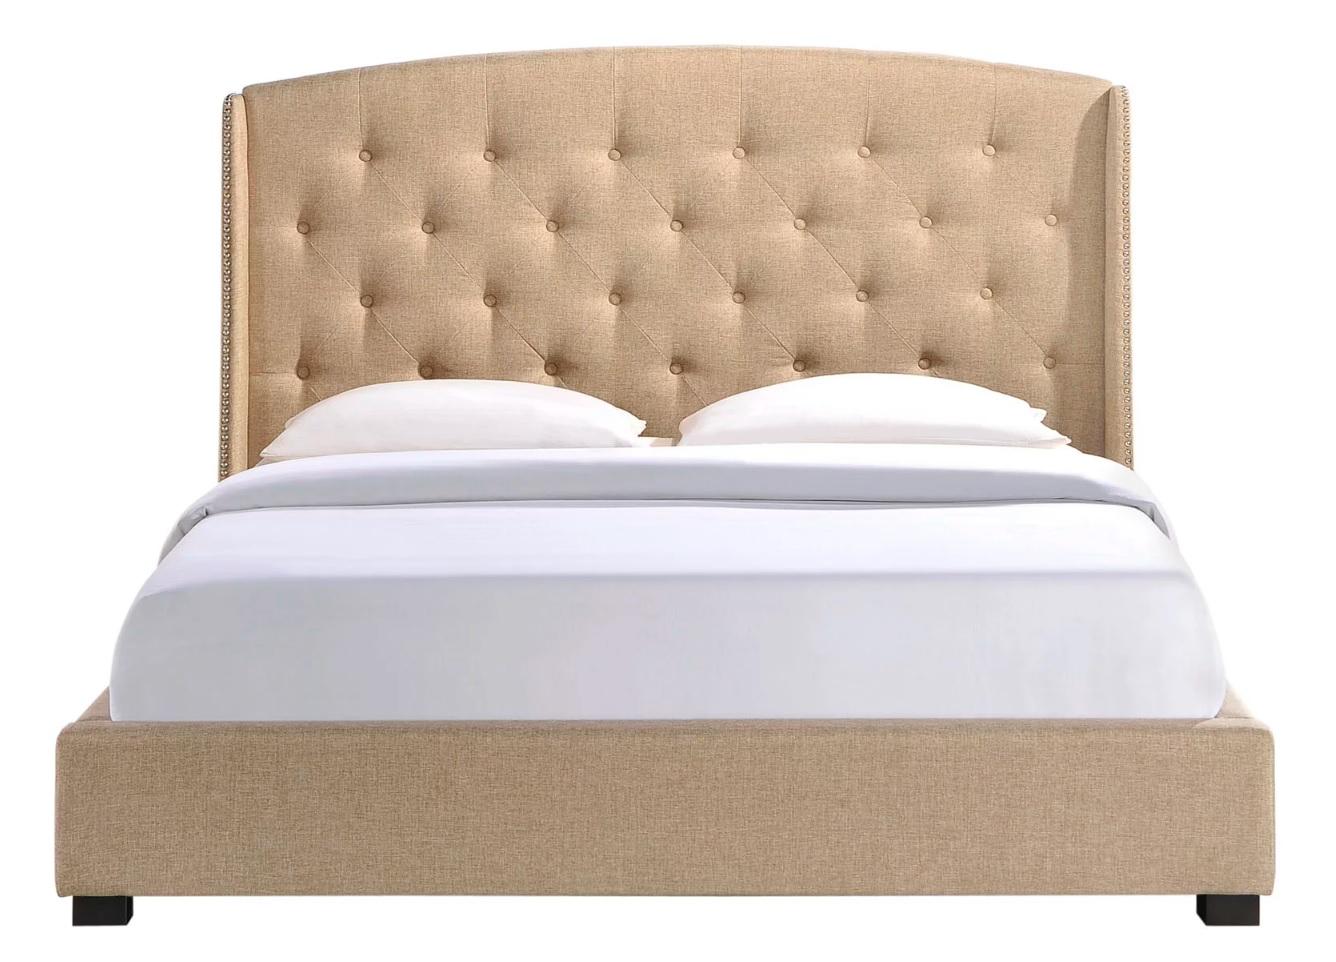 Кровать lexlux (ml) бежевый 163.0x137.0x212.0 см. фото